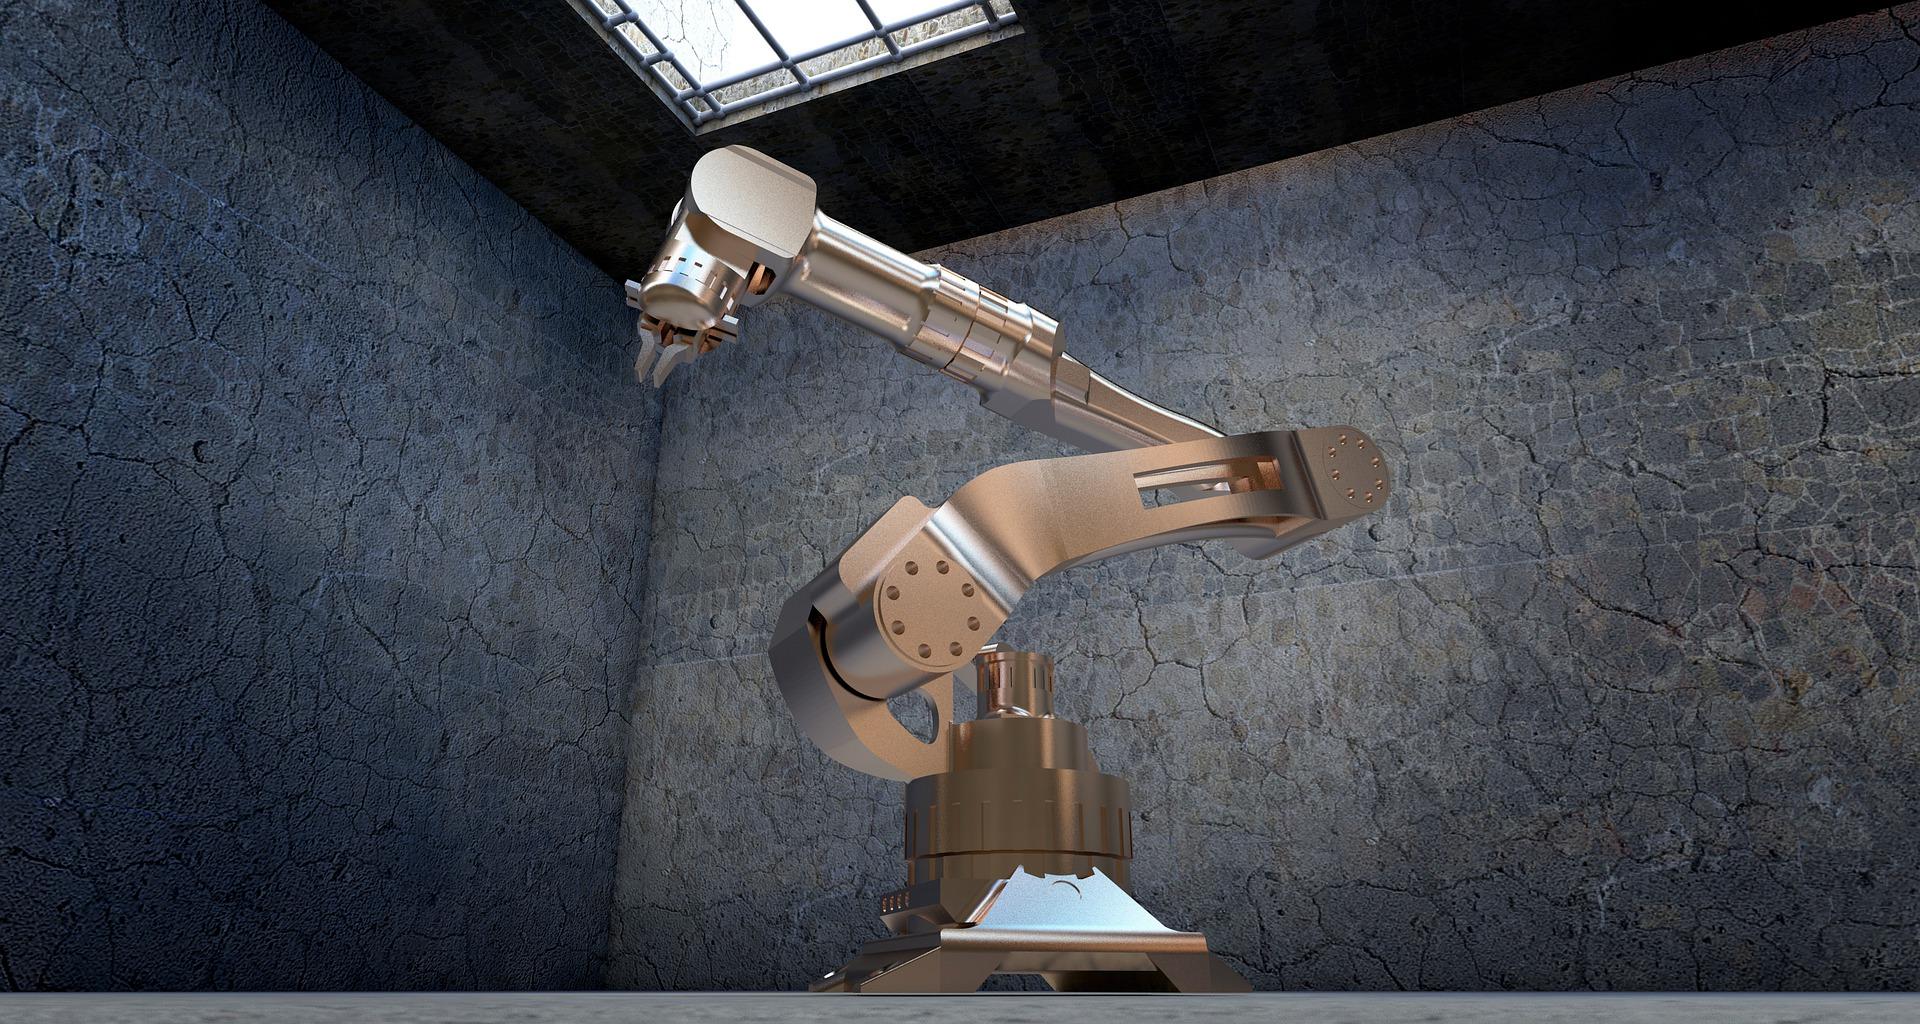 Robotique : un marché estimé à 90 milliards d'euros d'ici dix ans